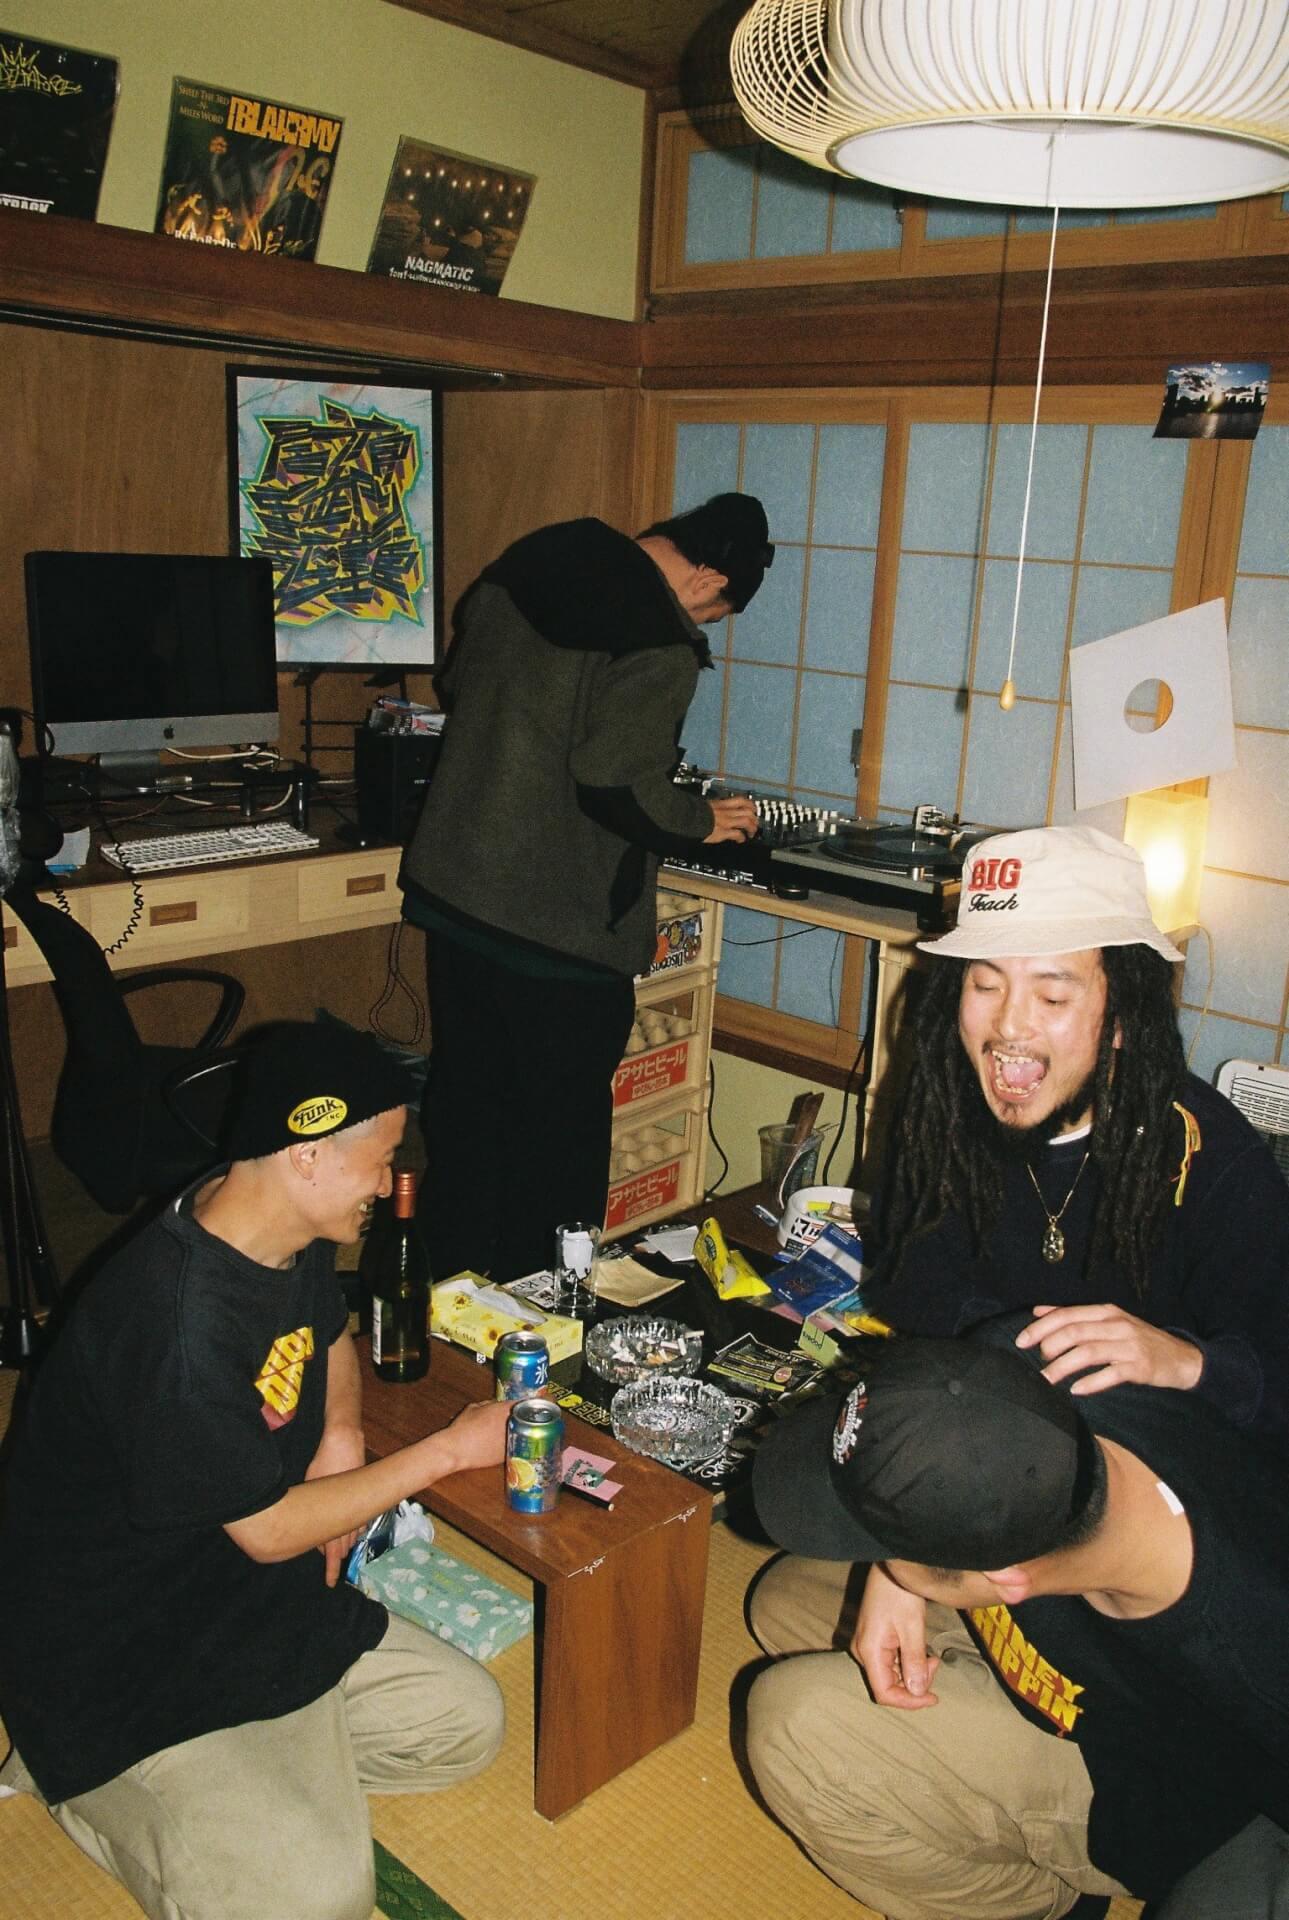 共にいる人たちへの郷愁──股旅(DUSTY HUSKY × DJ SHOKI × にっちょめ)、インタビュー interview2106-matatabi-dliprecords-2